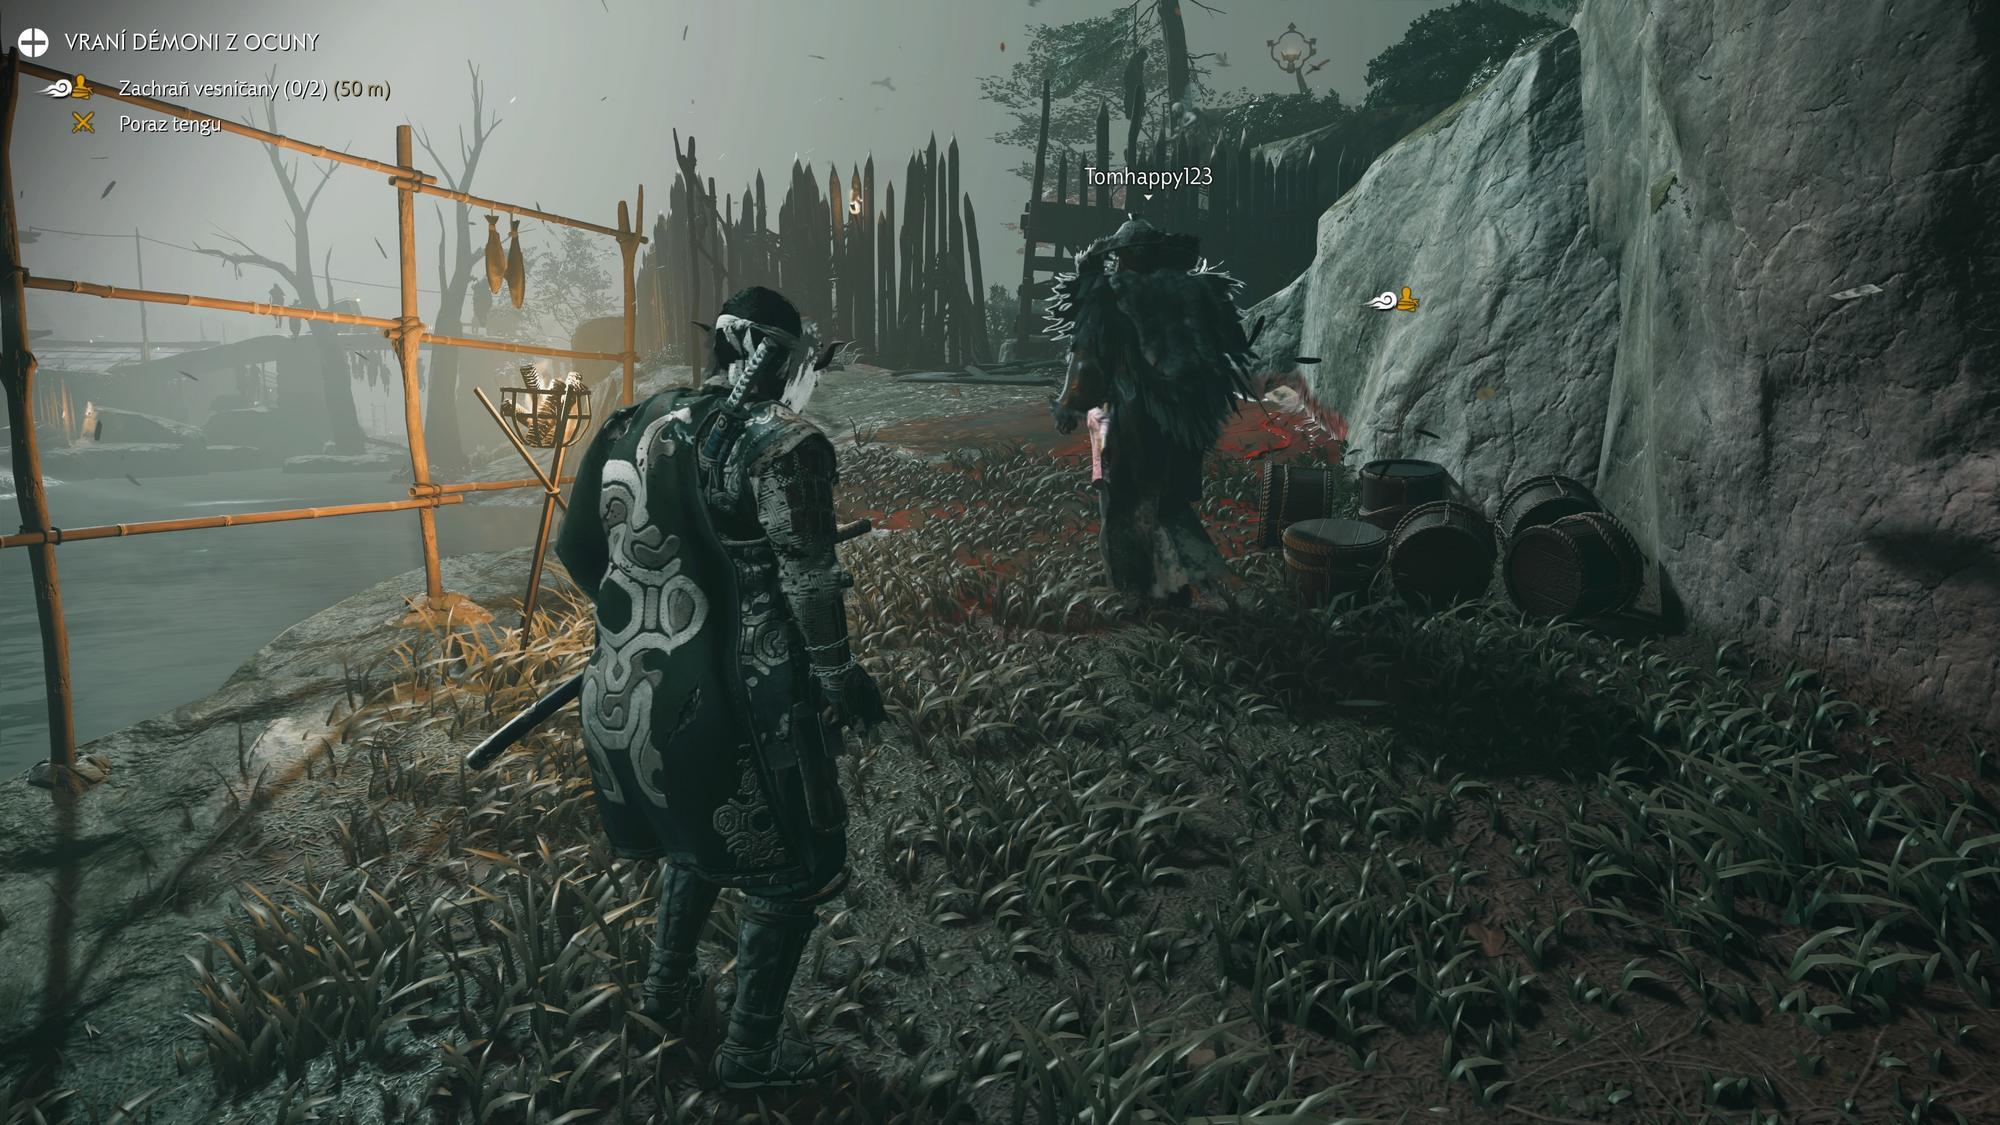 Príbehové misie majú jednoduchú zápletku s odlišnou hernou náplňou.